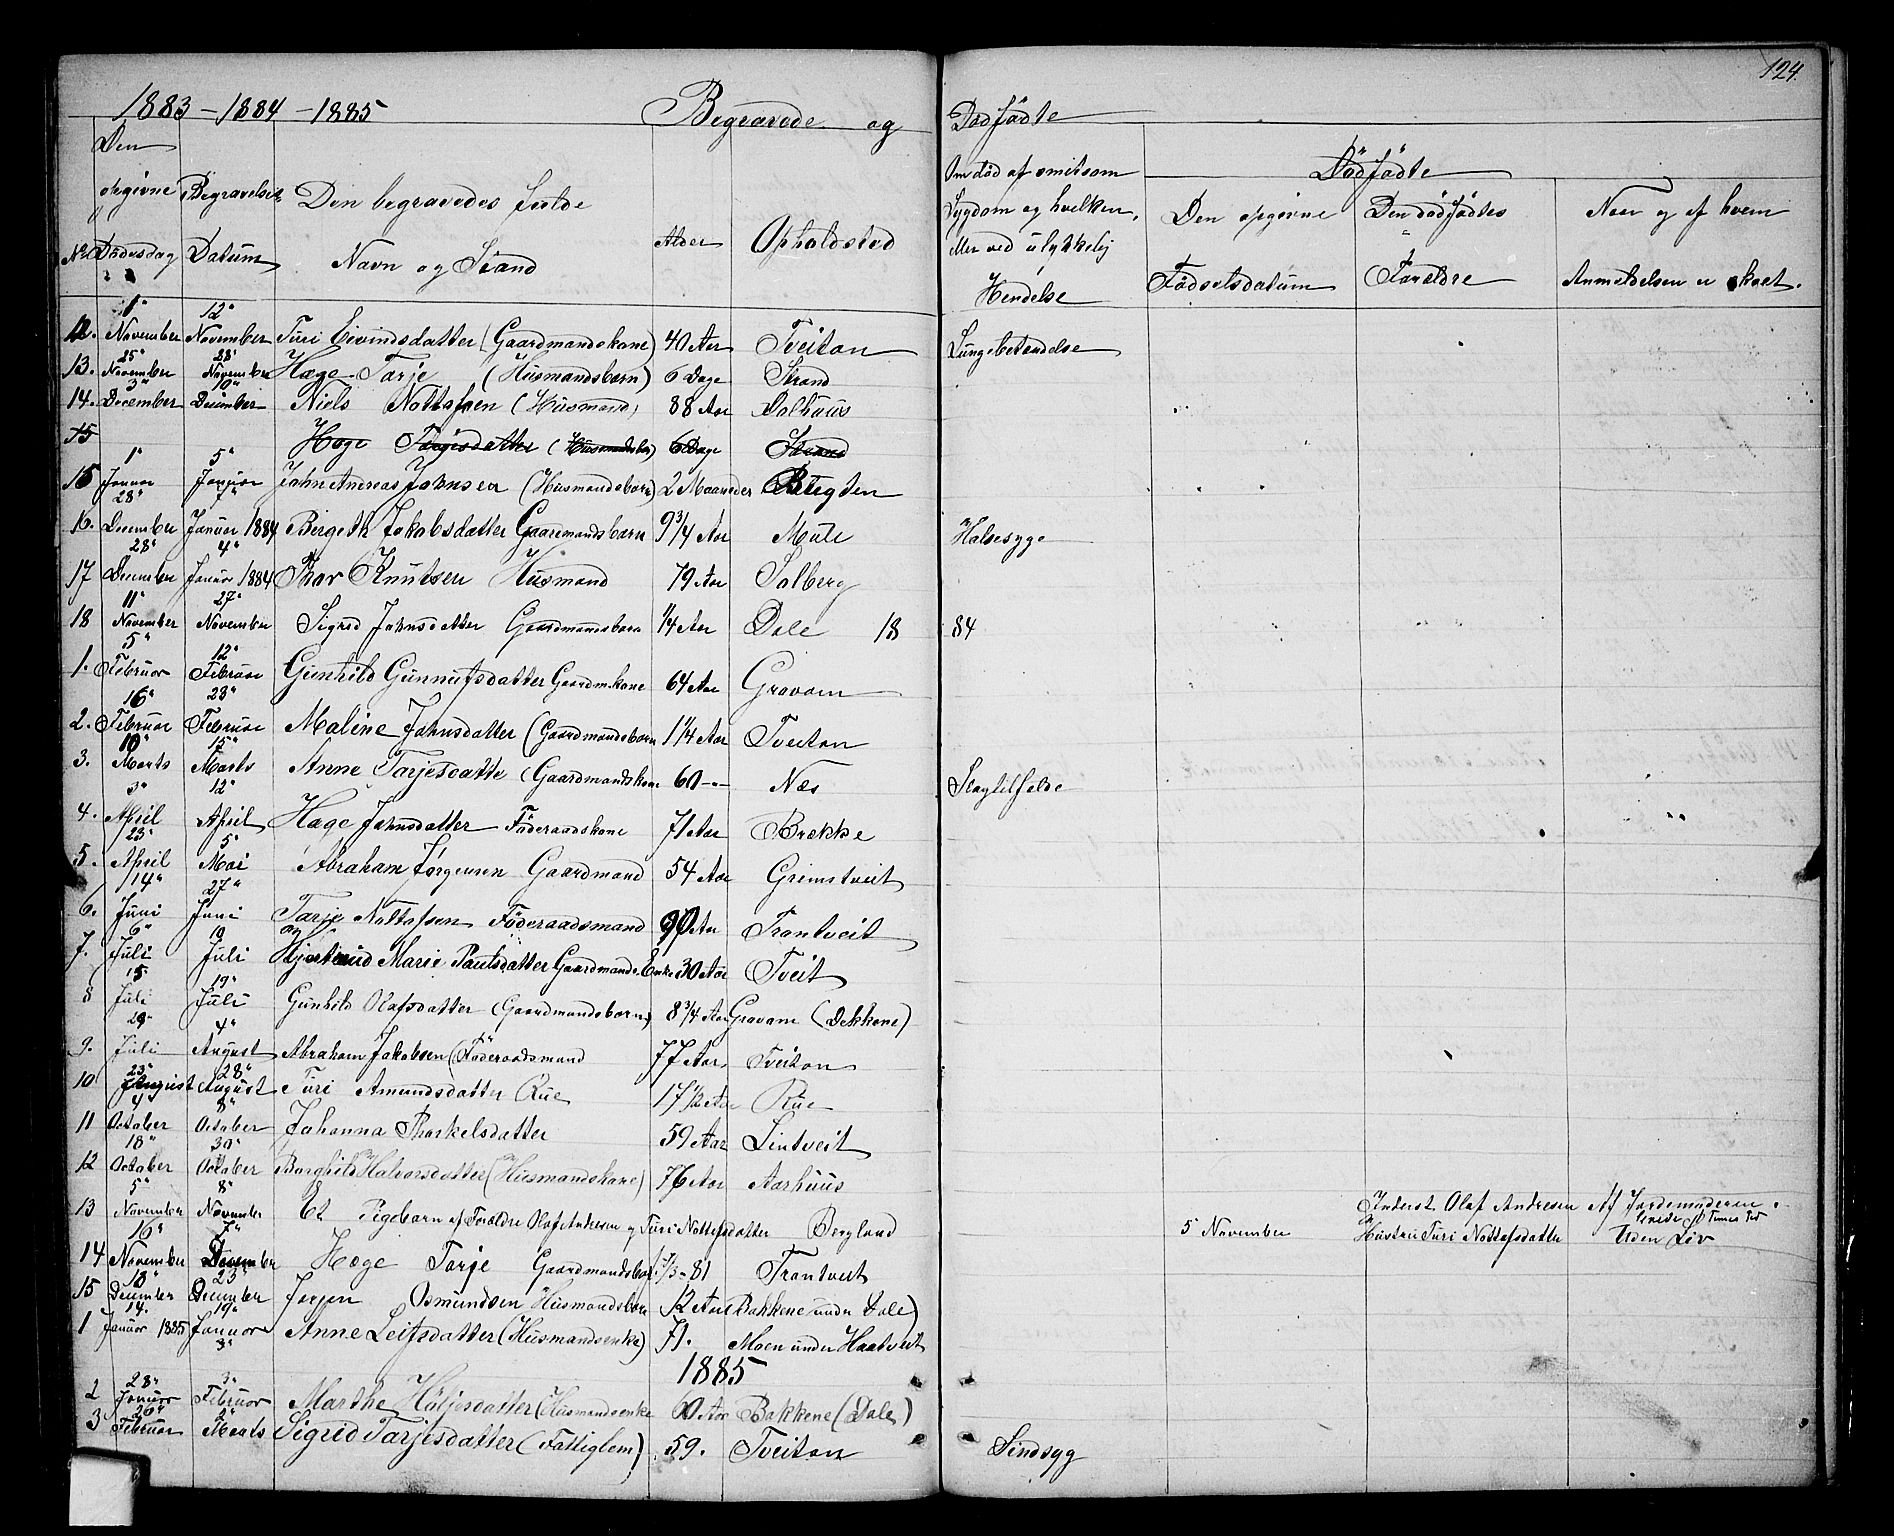 SAKO, Nissedal kirkebøker, G/Ga/L0002: Klokkerbok nr. I 2, 1861-1887, s. 124